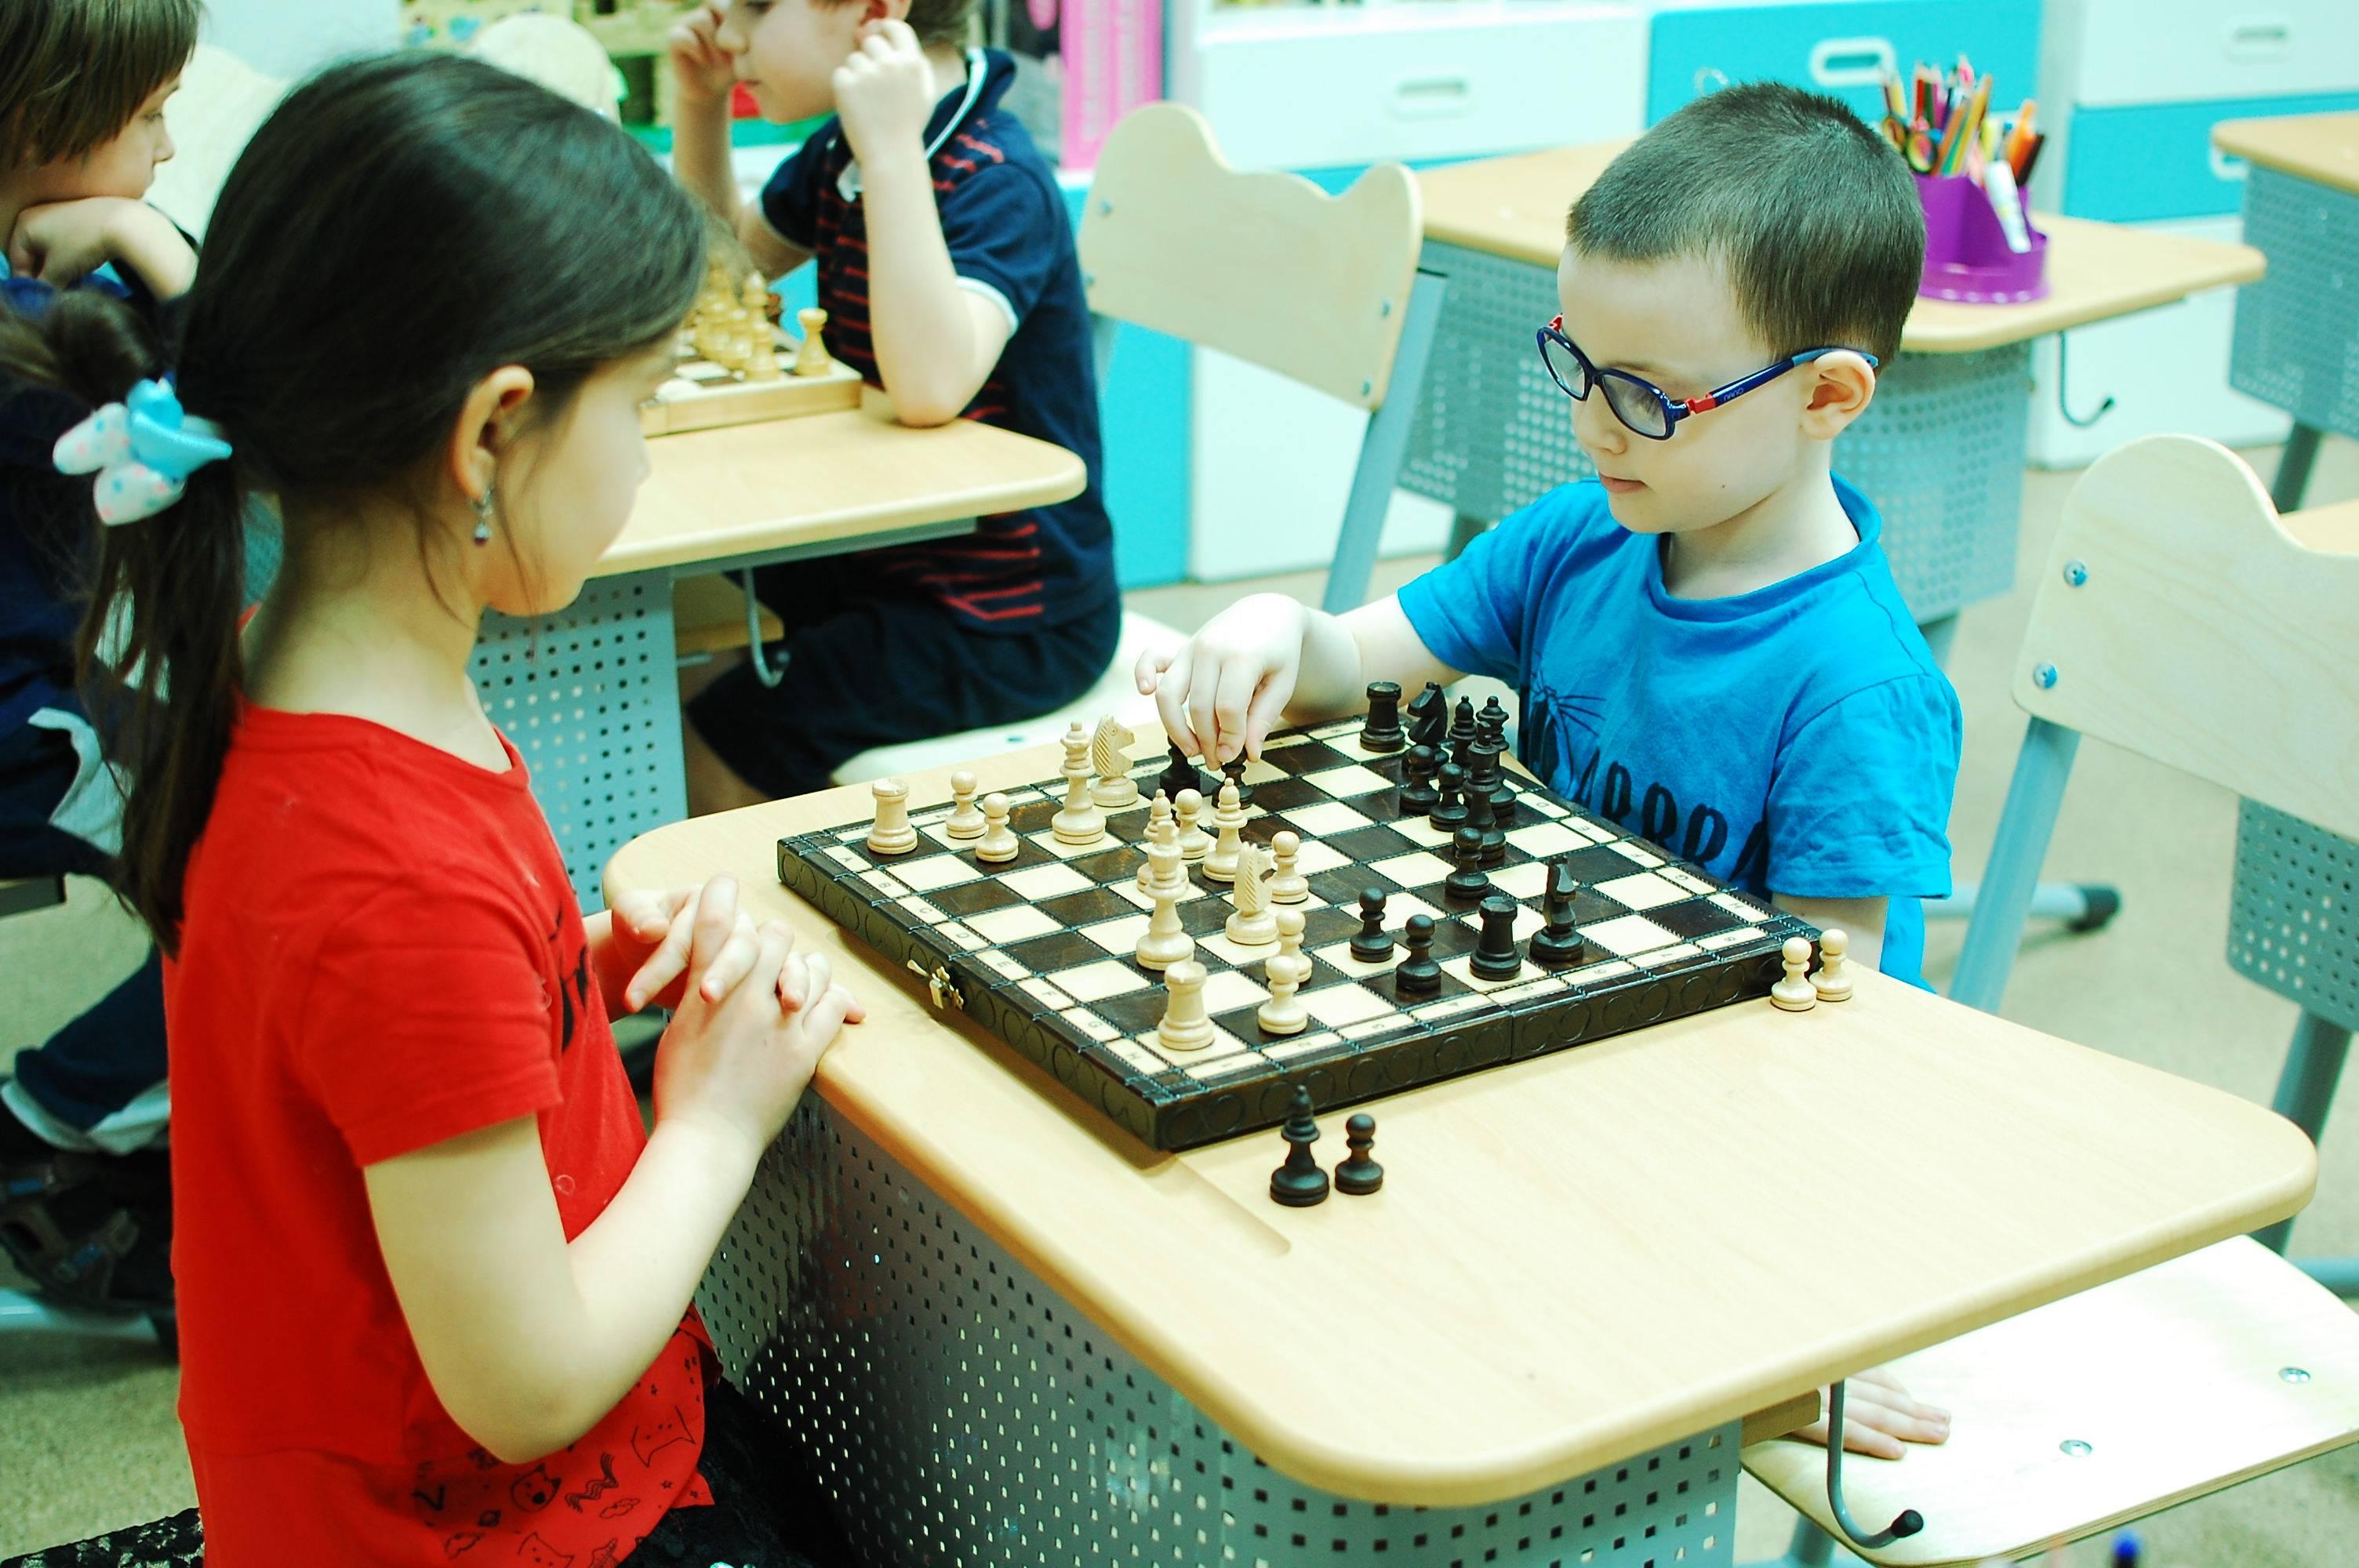 Польза и вред шахмат для детей и взрослых: что они развивают, интересные факты